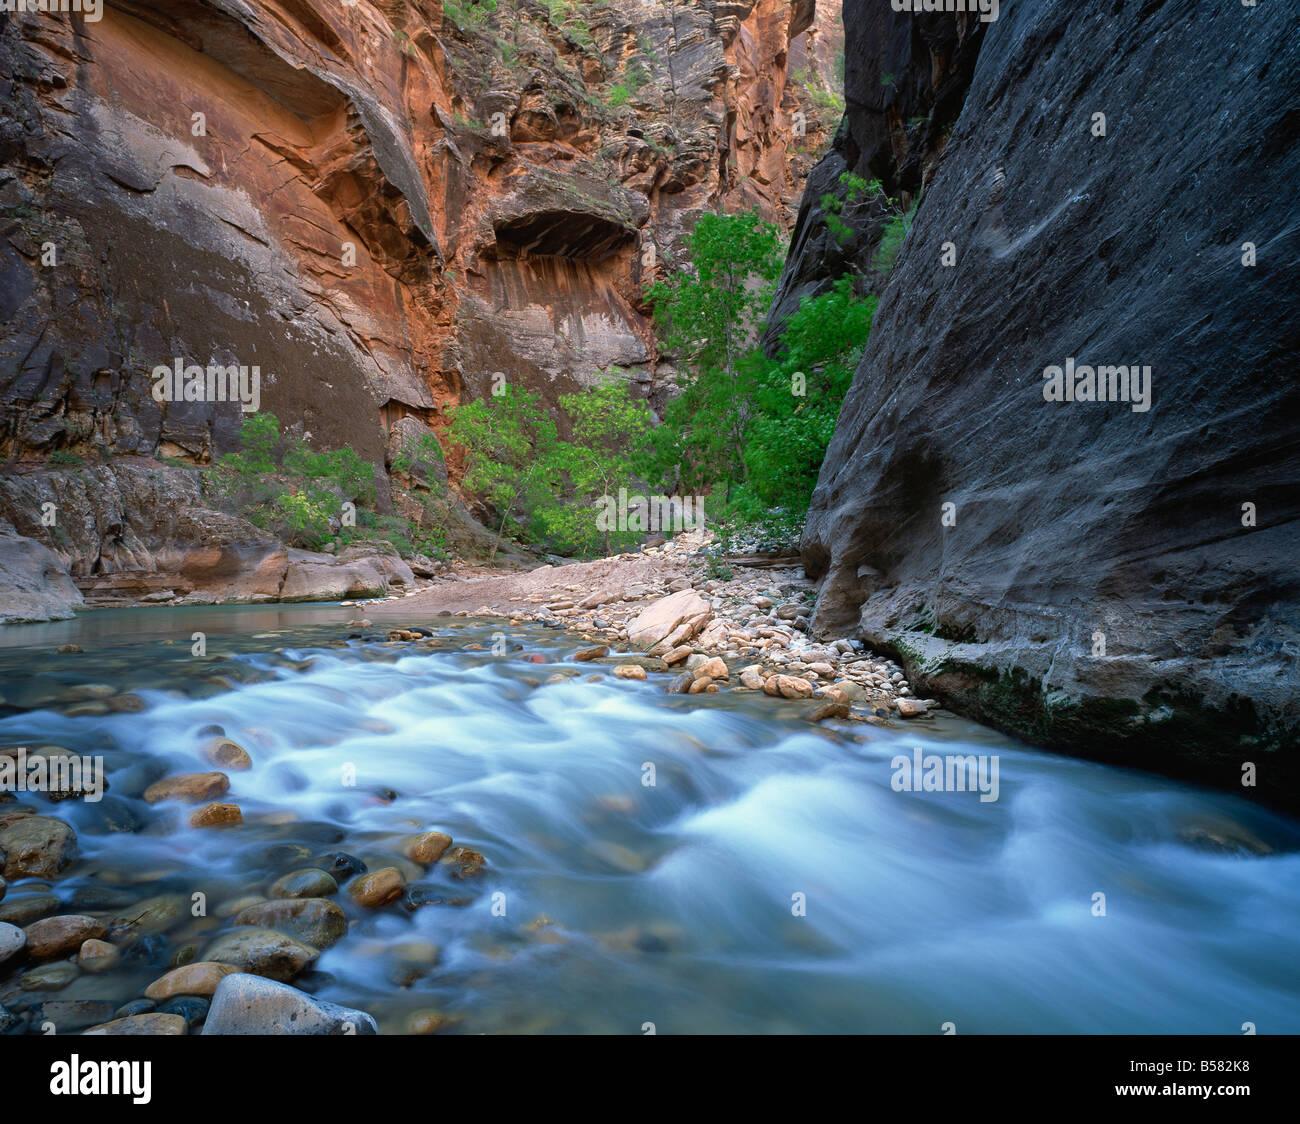 Virgen río que fluye a través de la Virgen se estrecha, el Parque Nacional de Zion, Utah, Estados Unidos de América, América del Norte Foto de stock